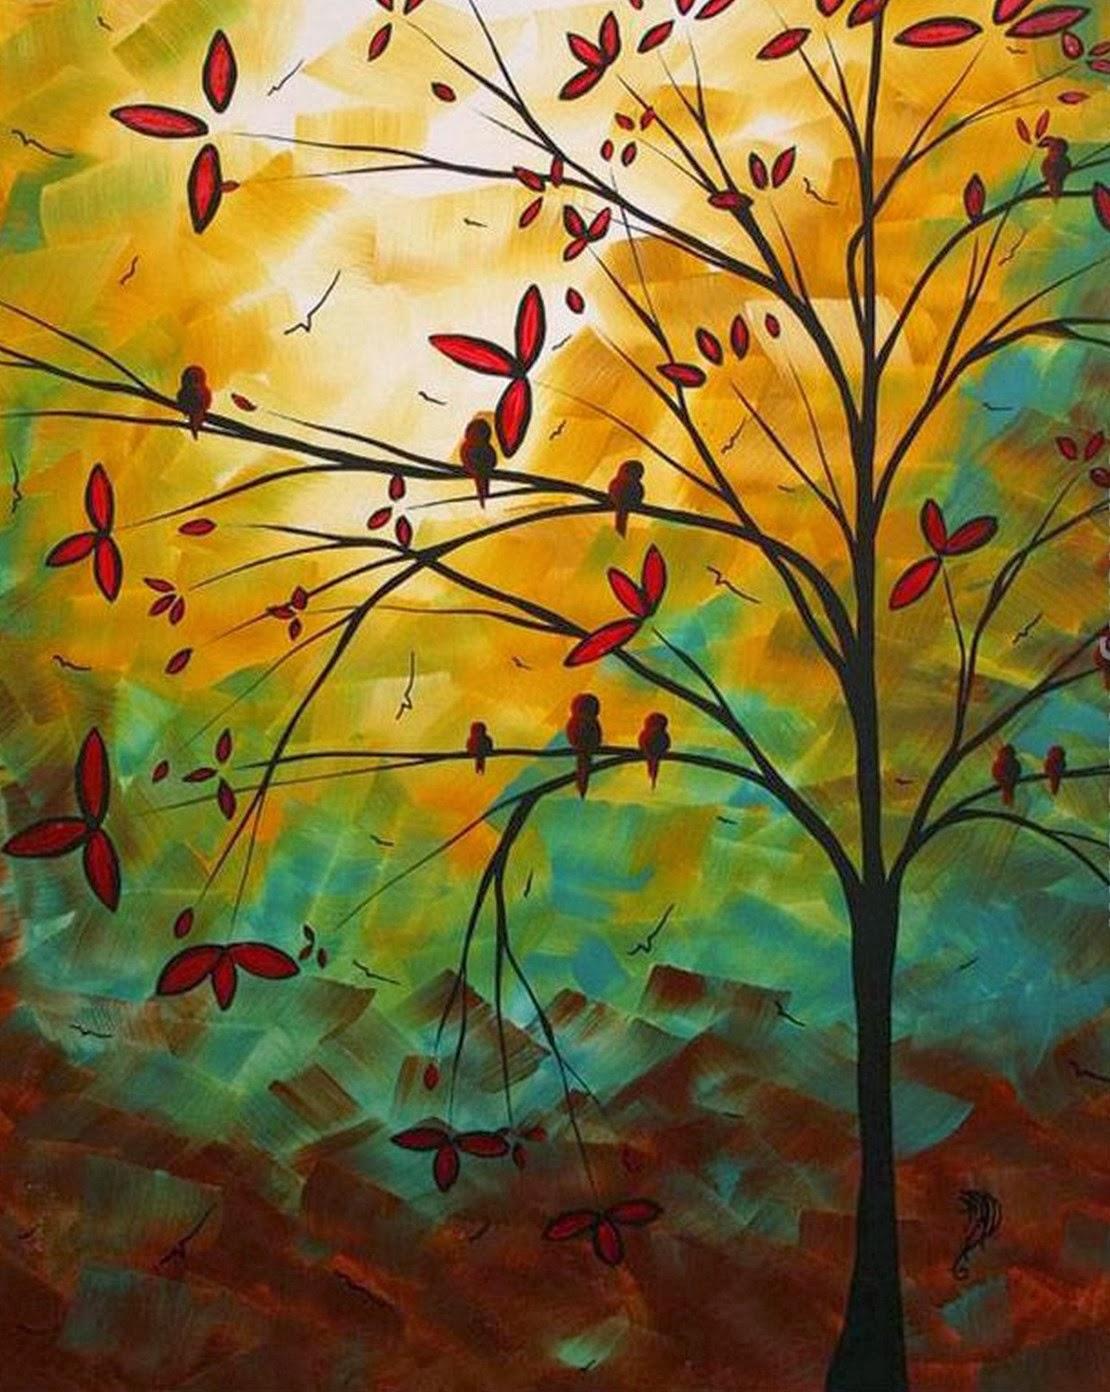 Cuadros modernos pinturas y dibujos abstractos - Cuadros abstractos paso a paso ...